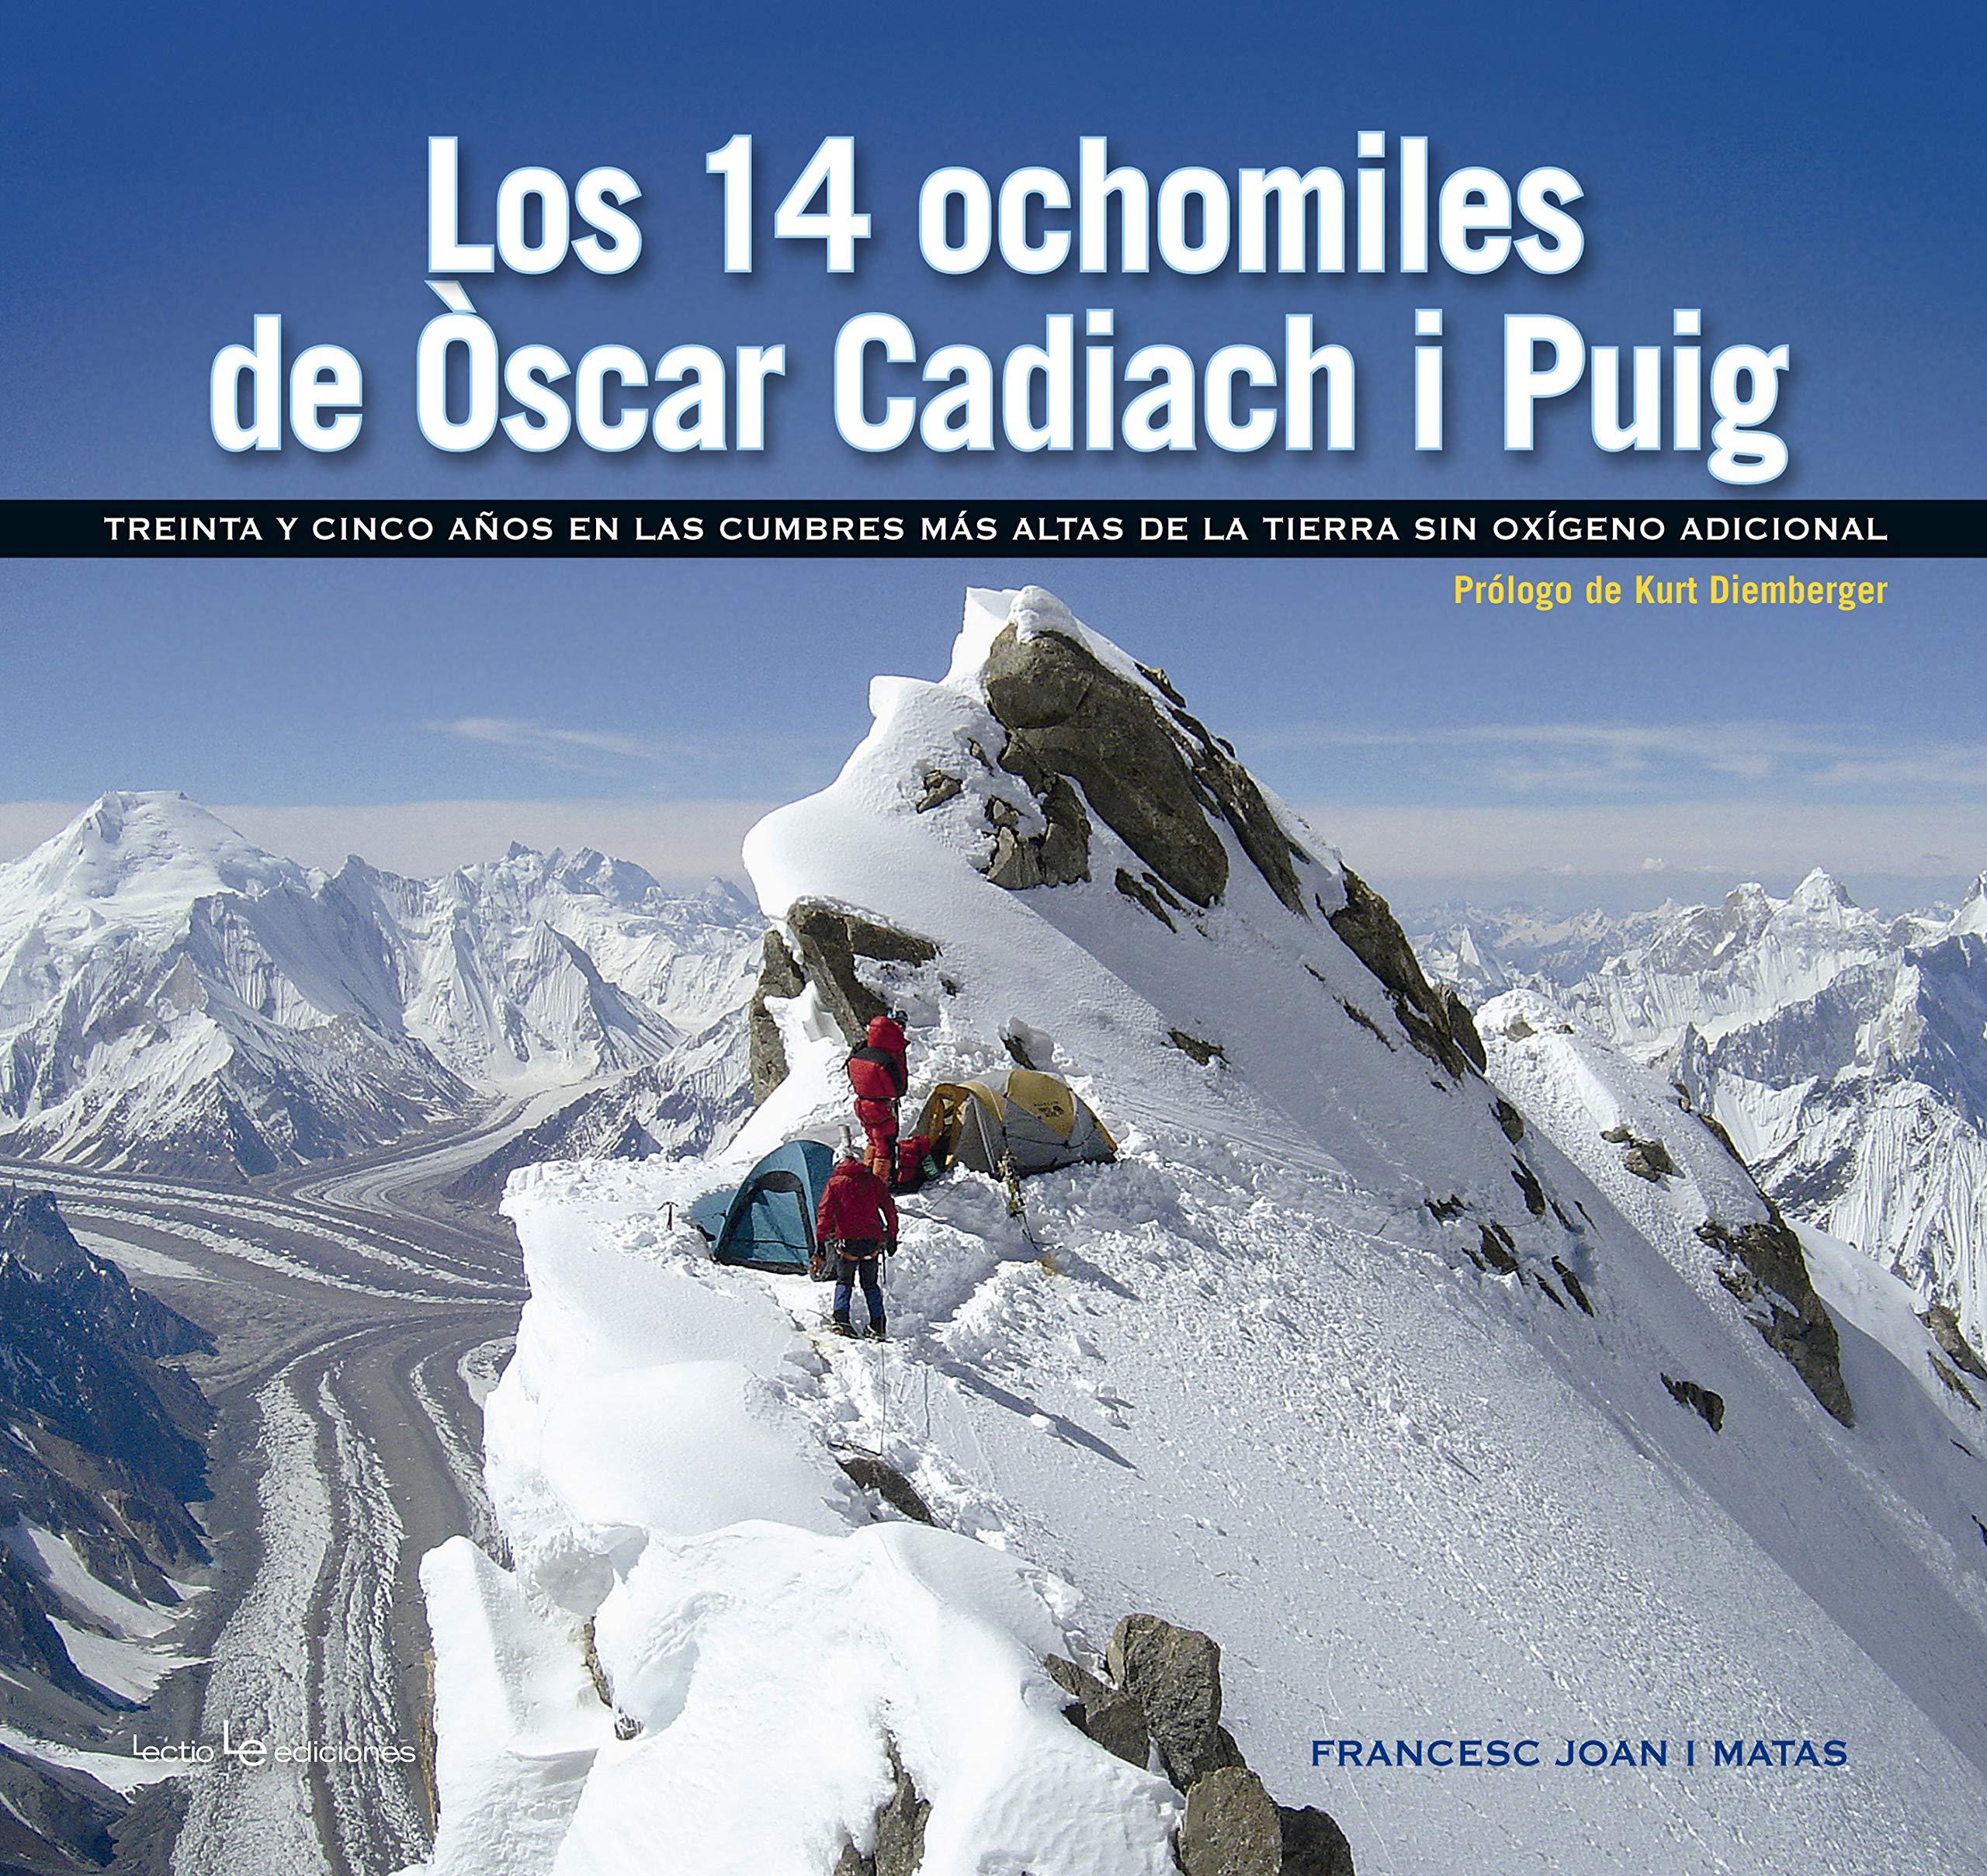 Los 14 ochomiles de Òscar Cadiach I Puig: Treinta y cinco ...